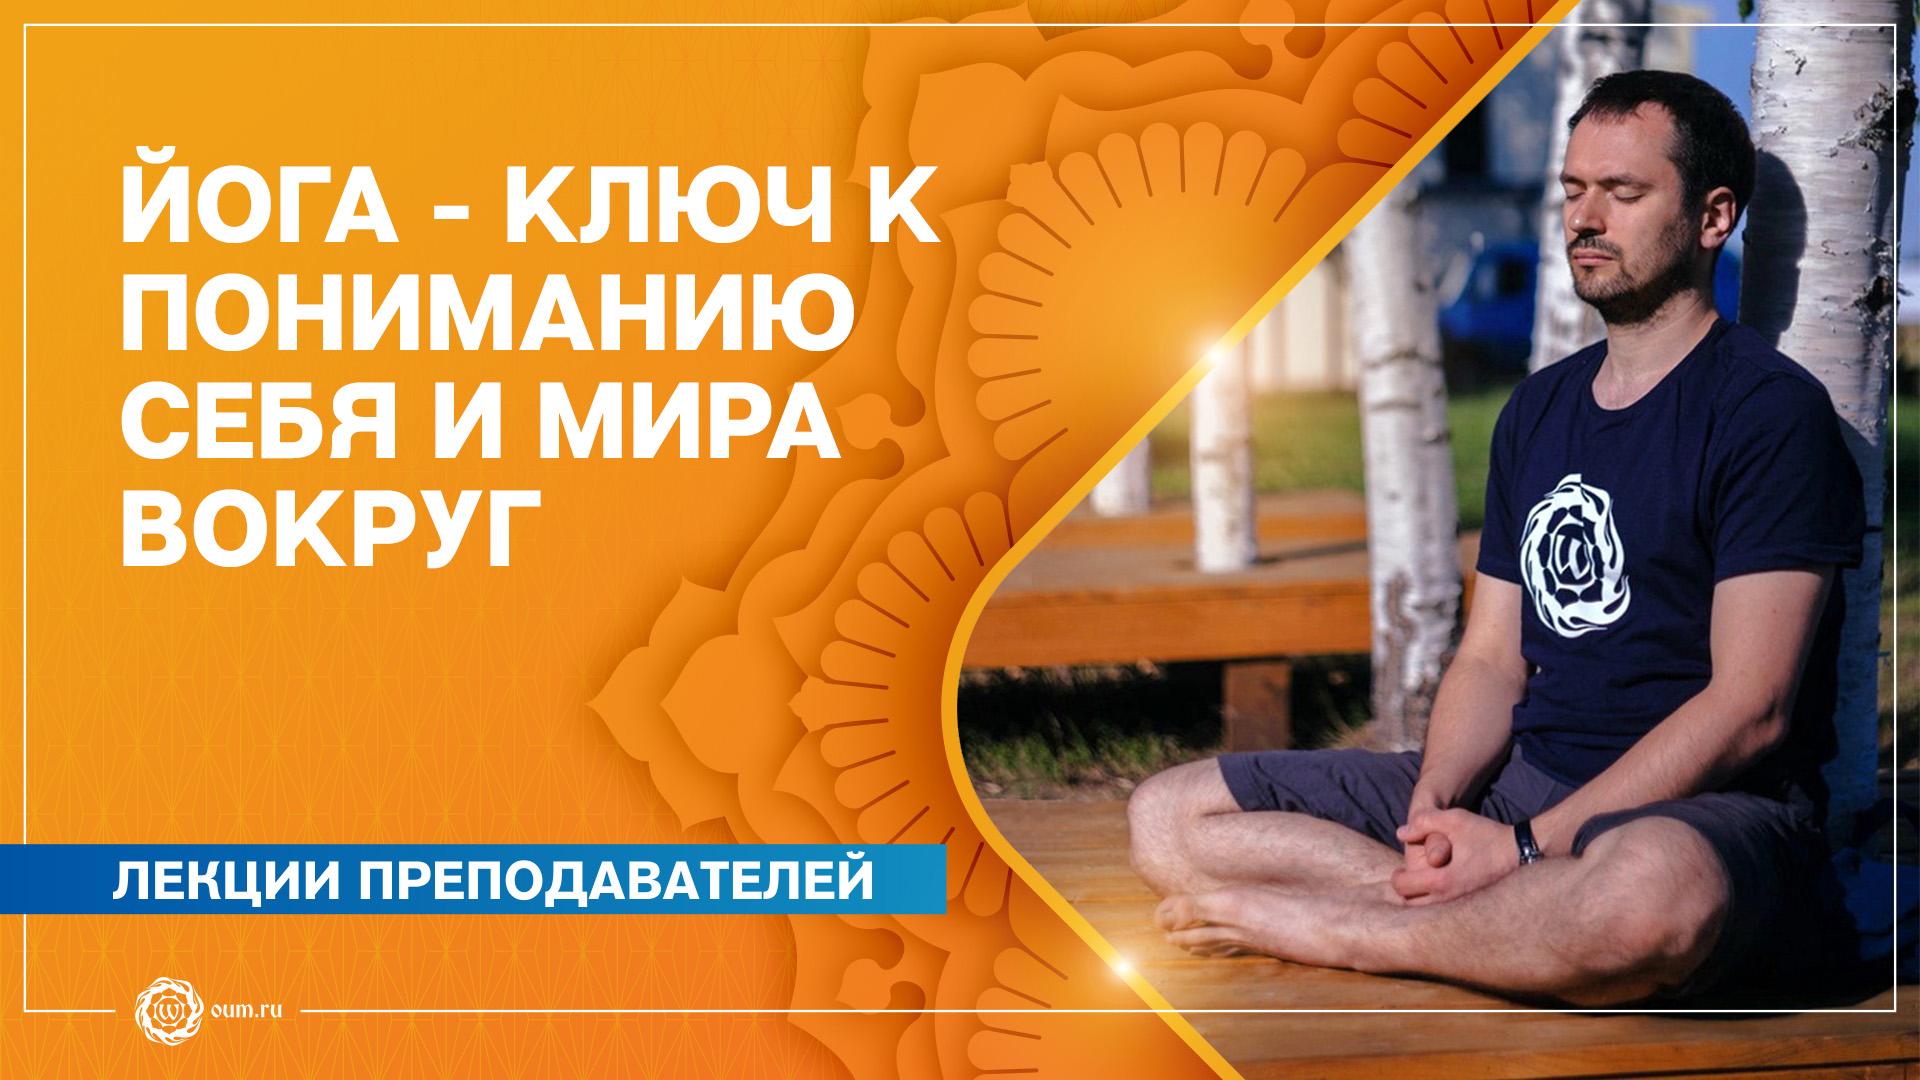 Йога - понимание себя и мира вокруг. Дмитрий Колмогоров